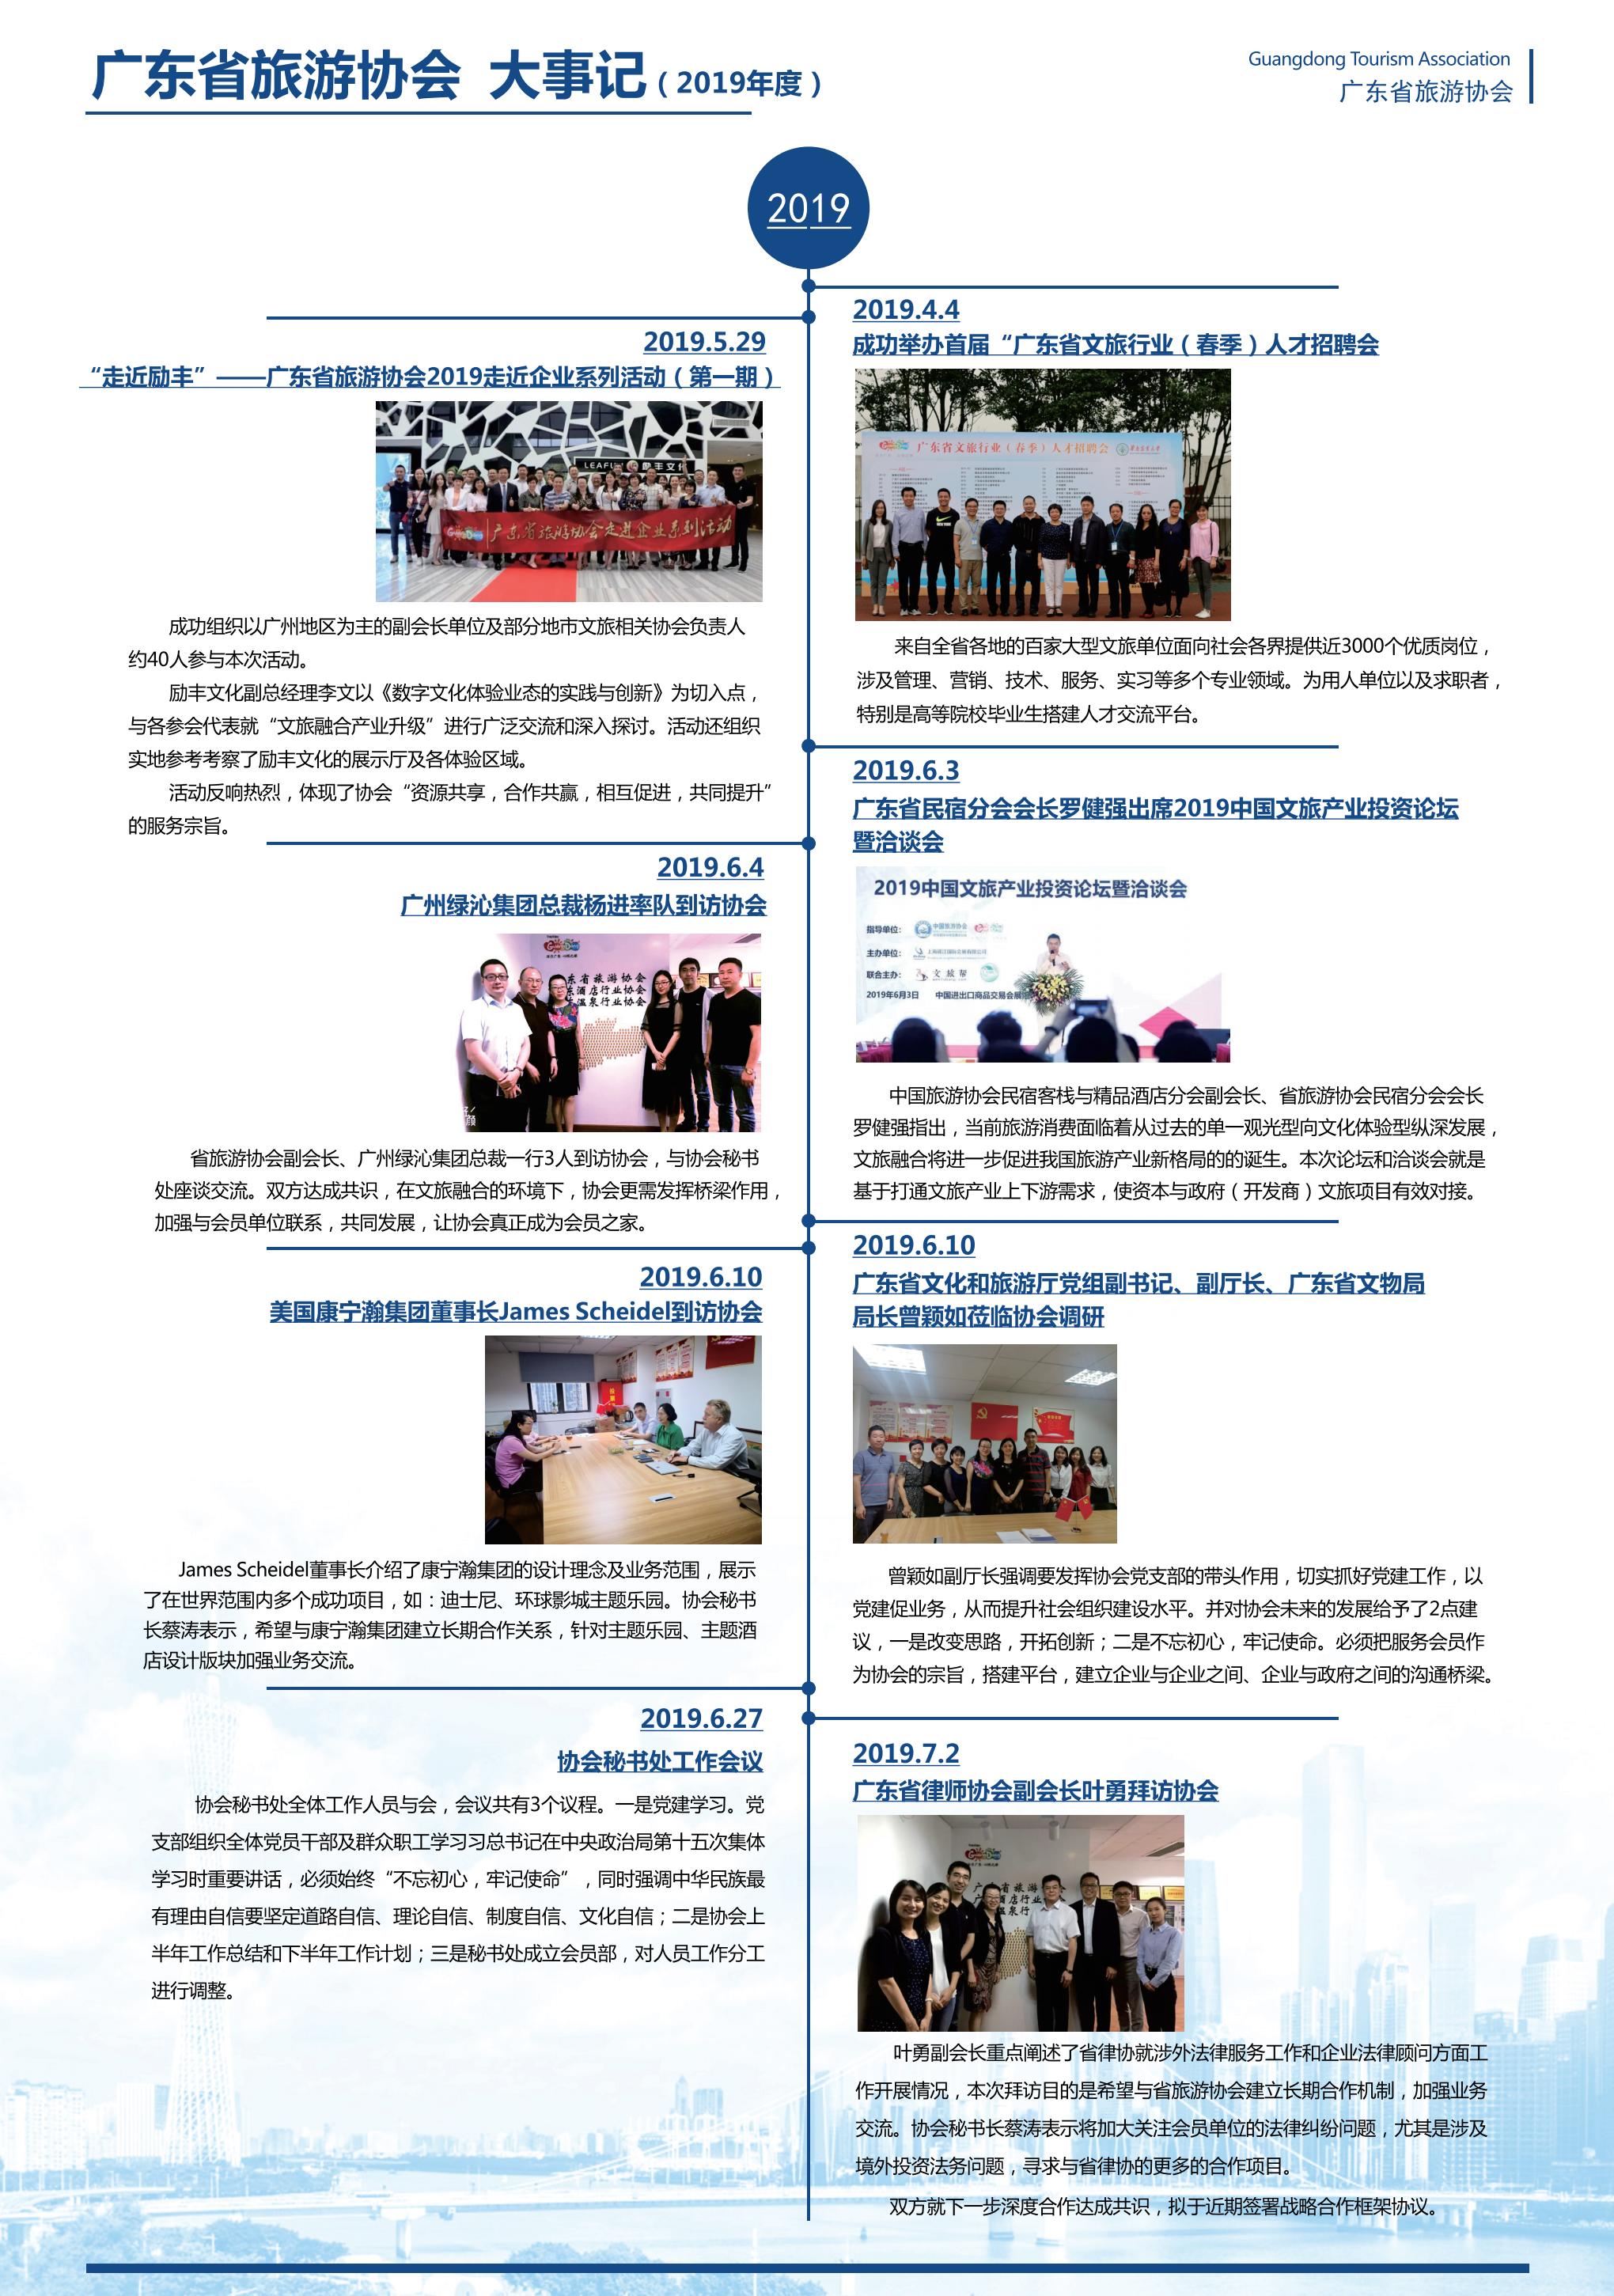 省旅游協會簡介_09